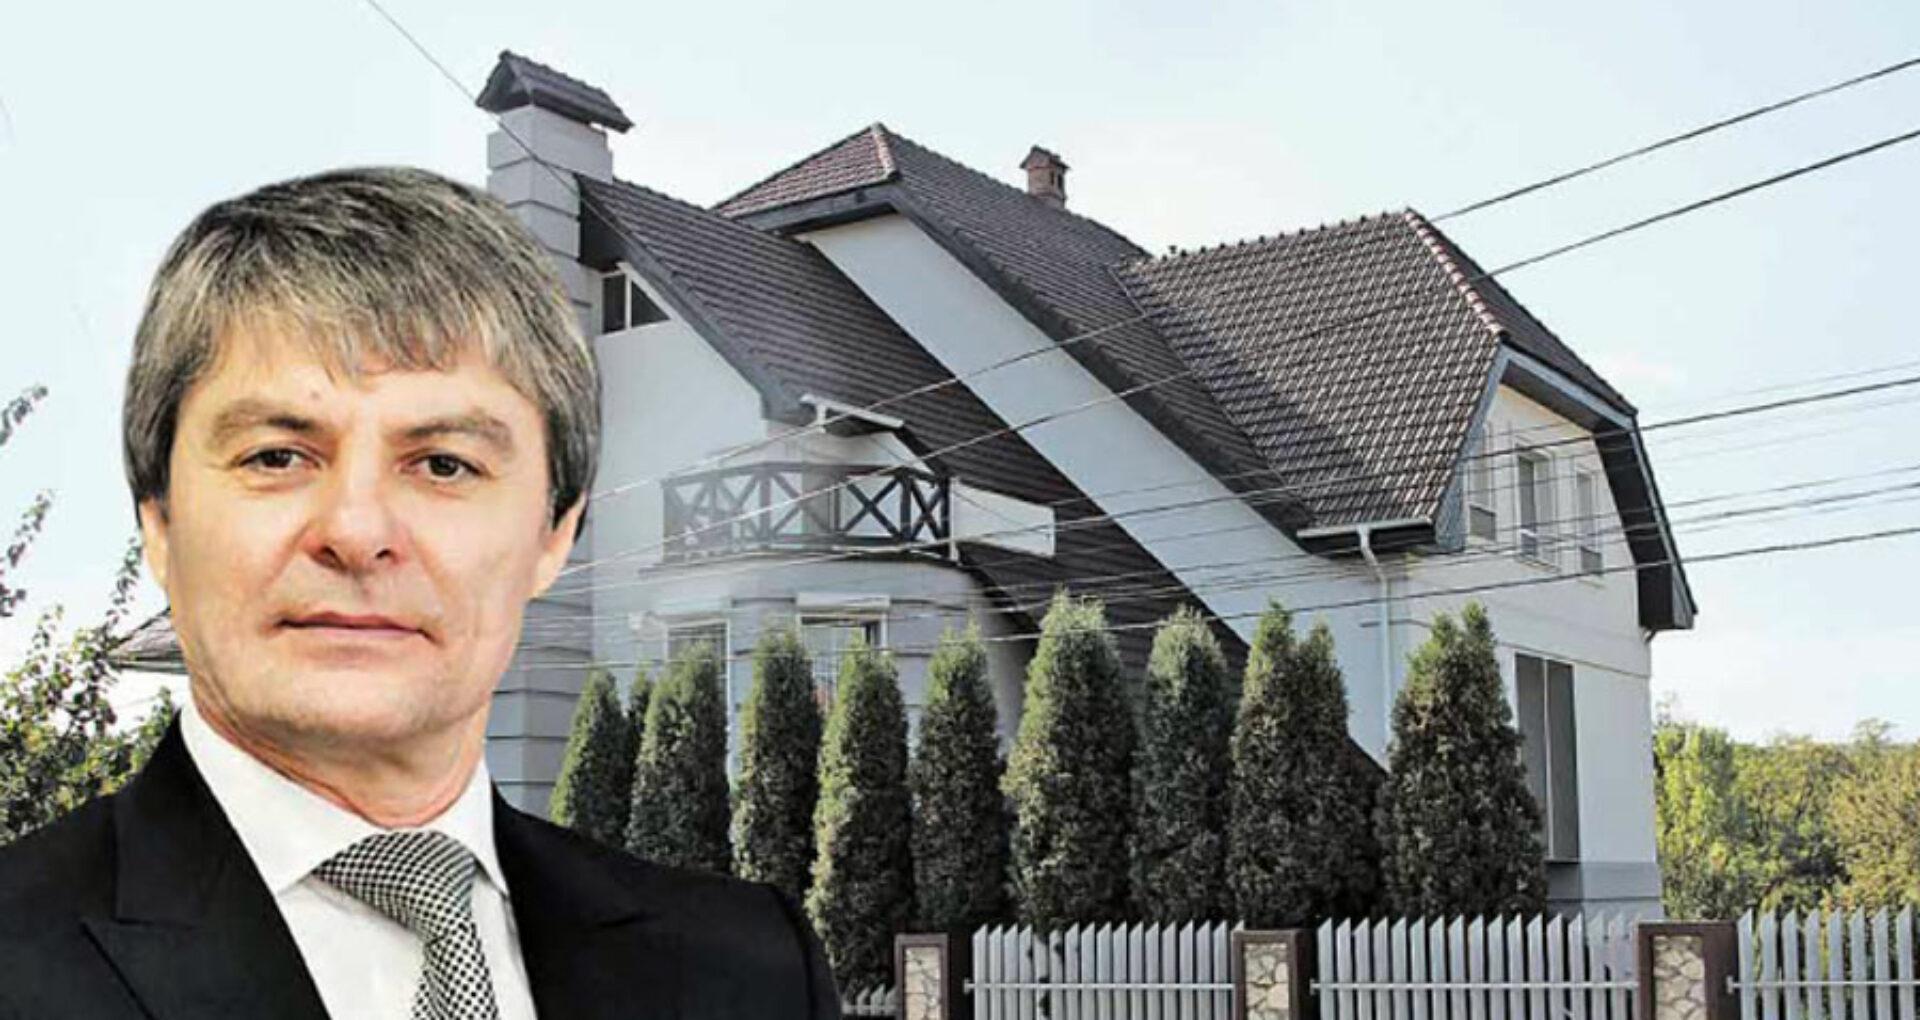 Milionarul de la Economie, reținut de CNA: proprietăți de milioane și casă de lux pe numele mamei pensionare